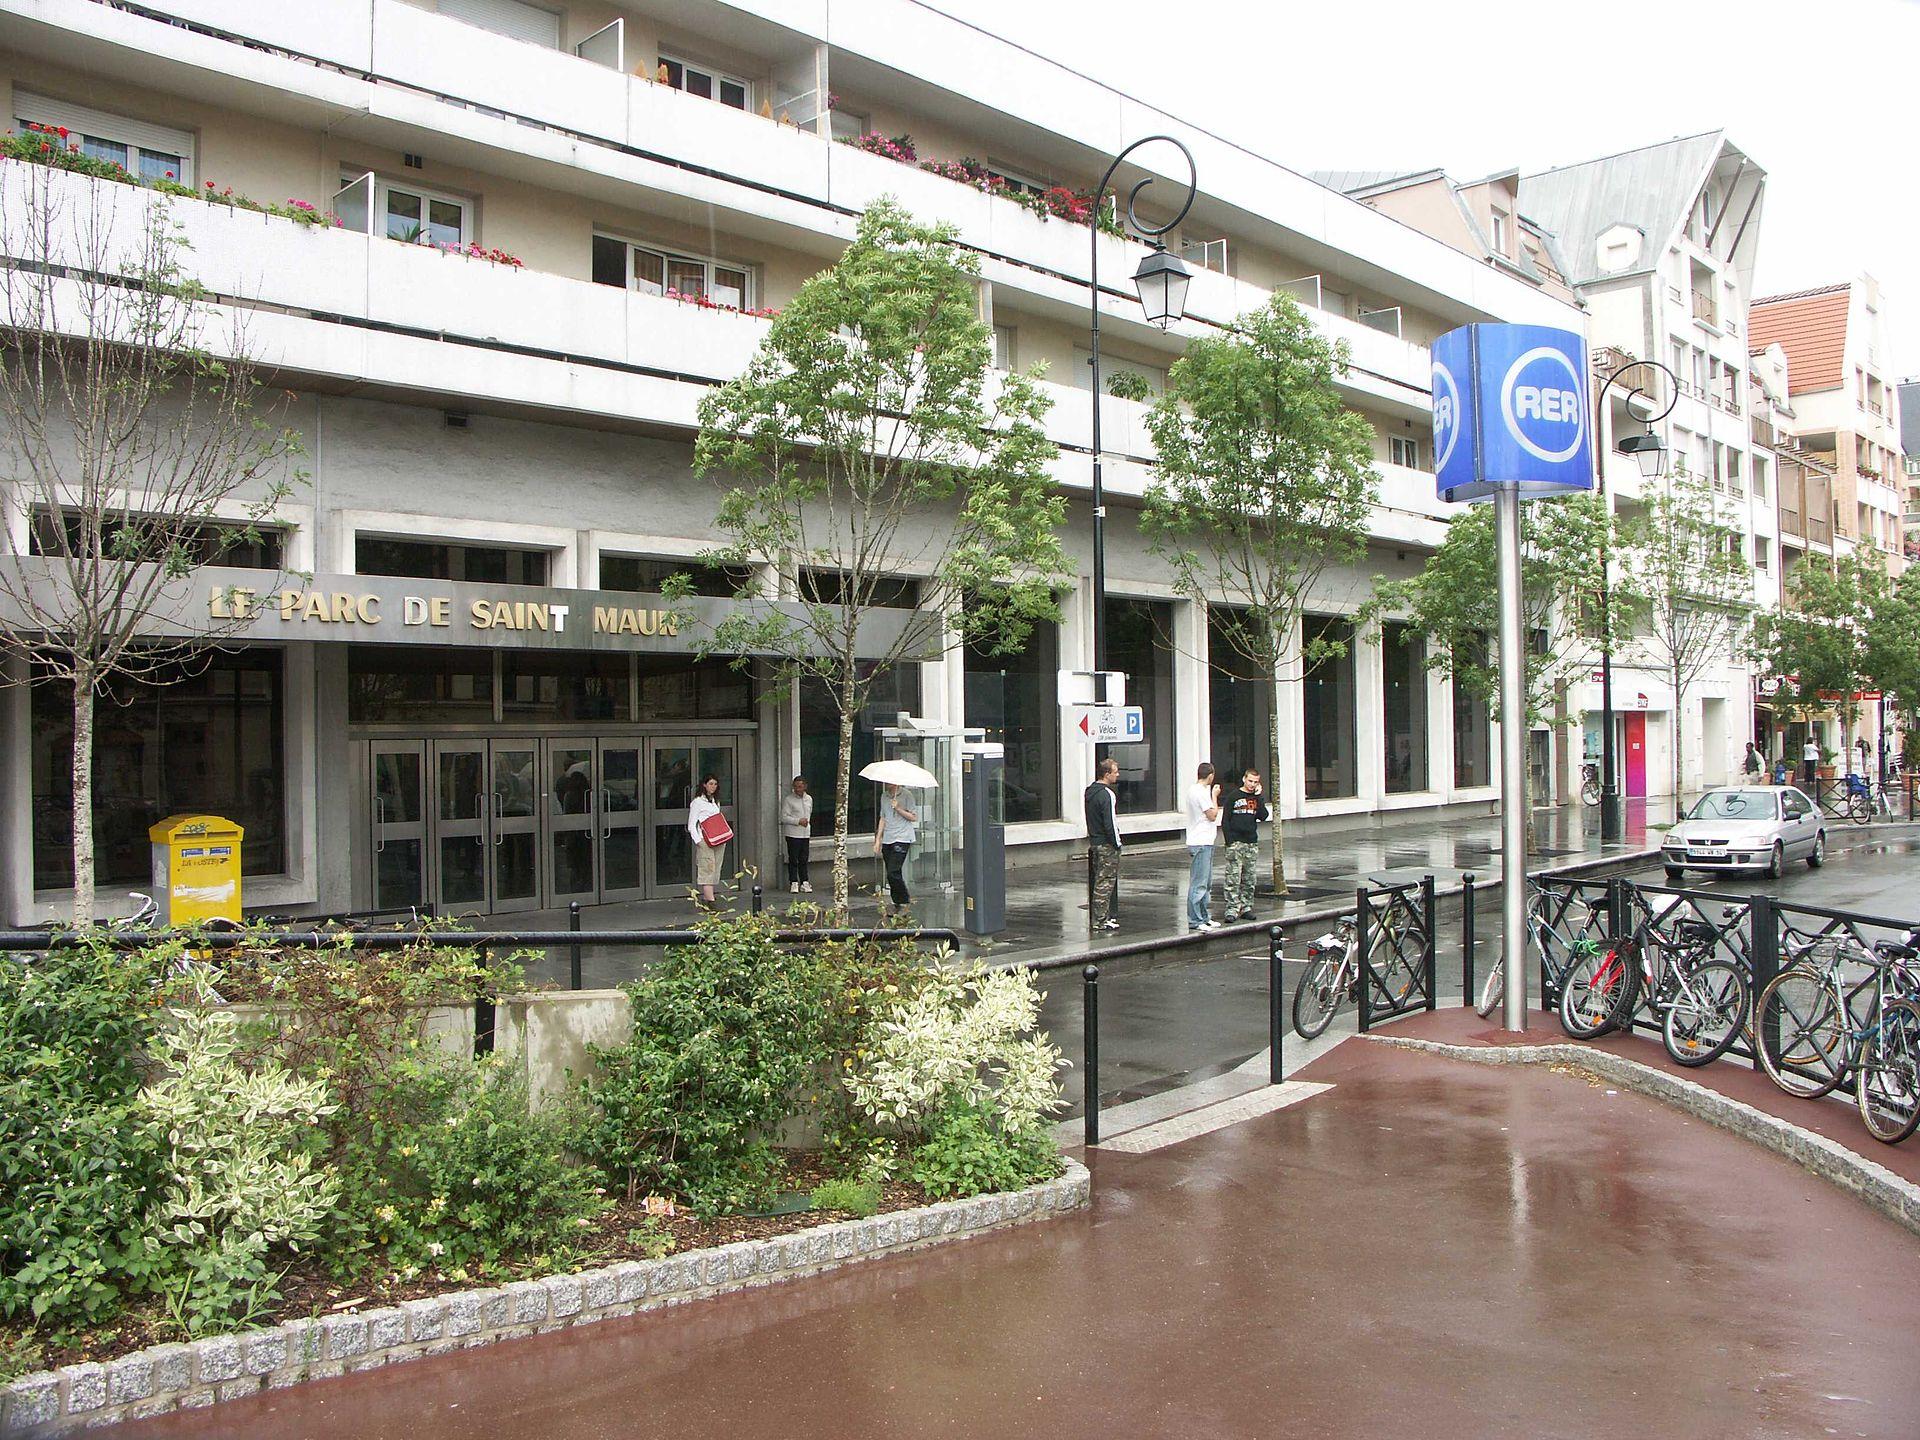 Le parc de saint maur paris rer wikipedia for Rer wikipedia